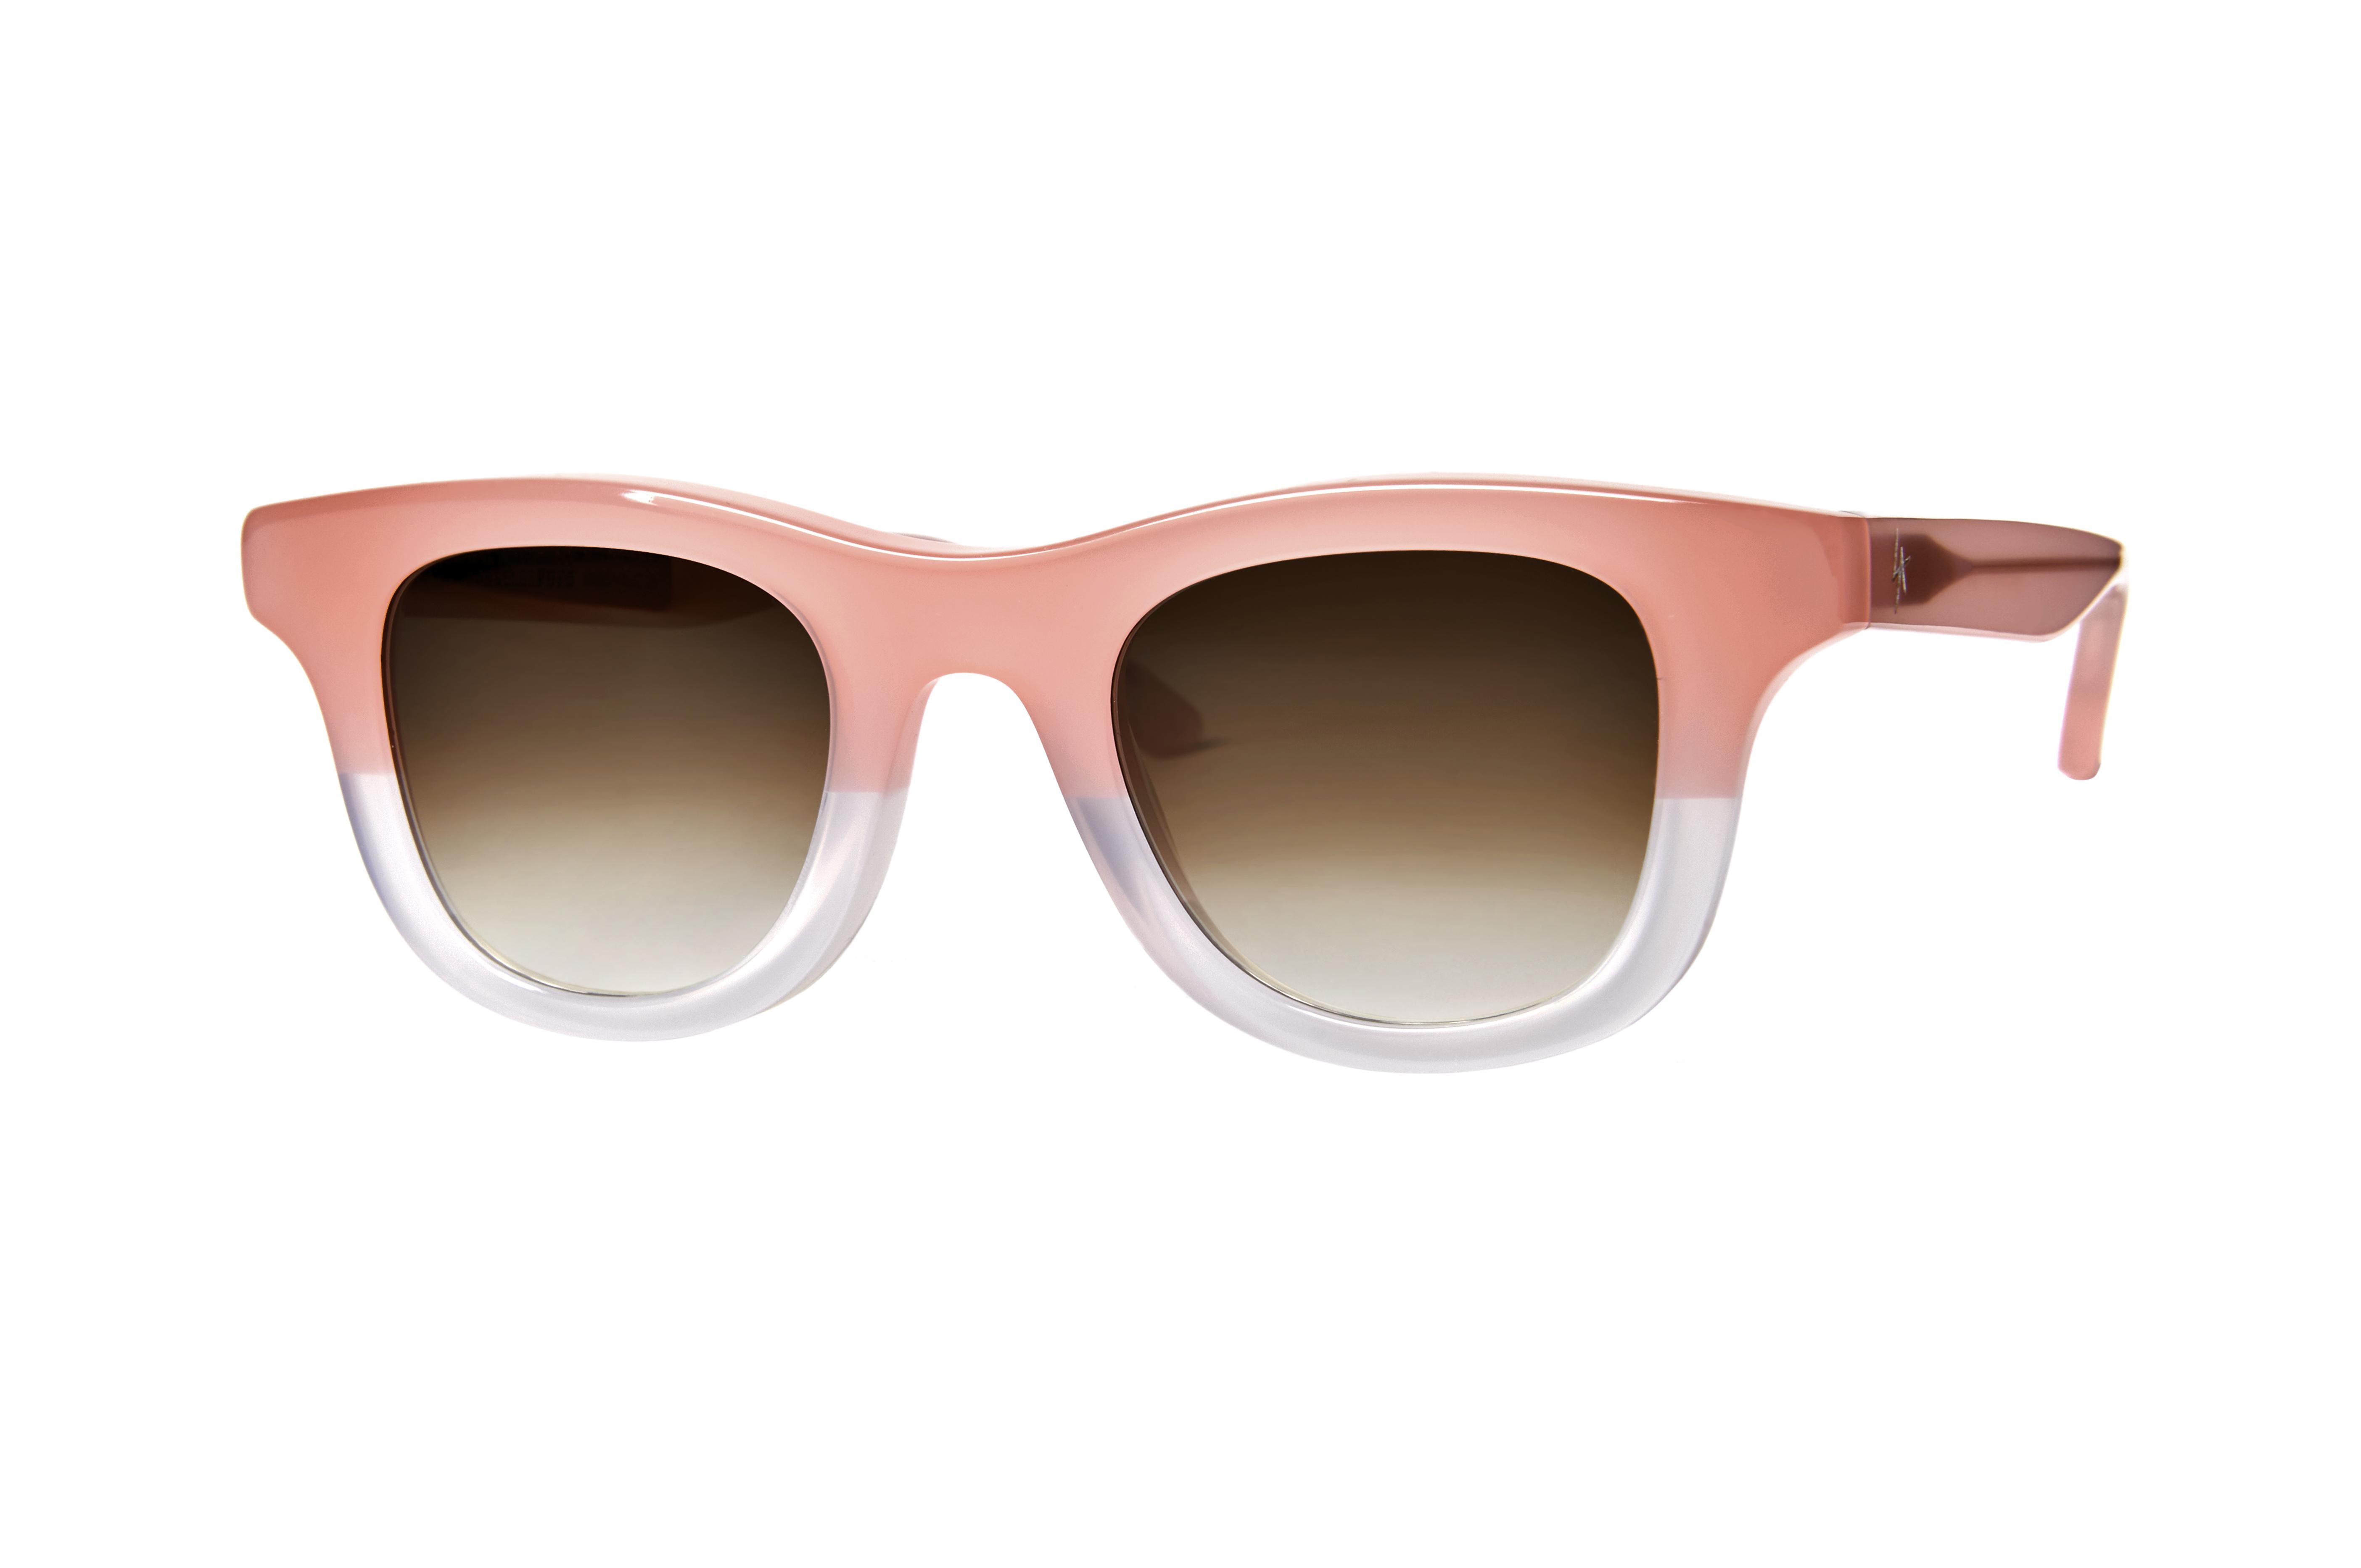 77cb17da6ce Les lunettes de soleil issues de la collaborations ont proposées en 4  coloris